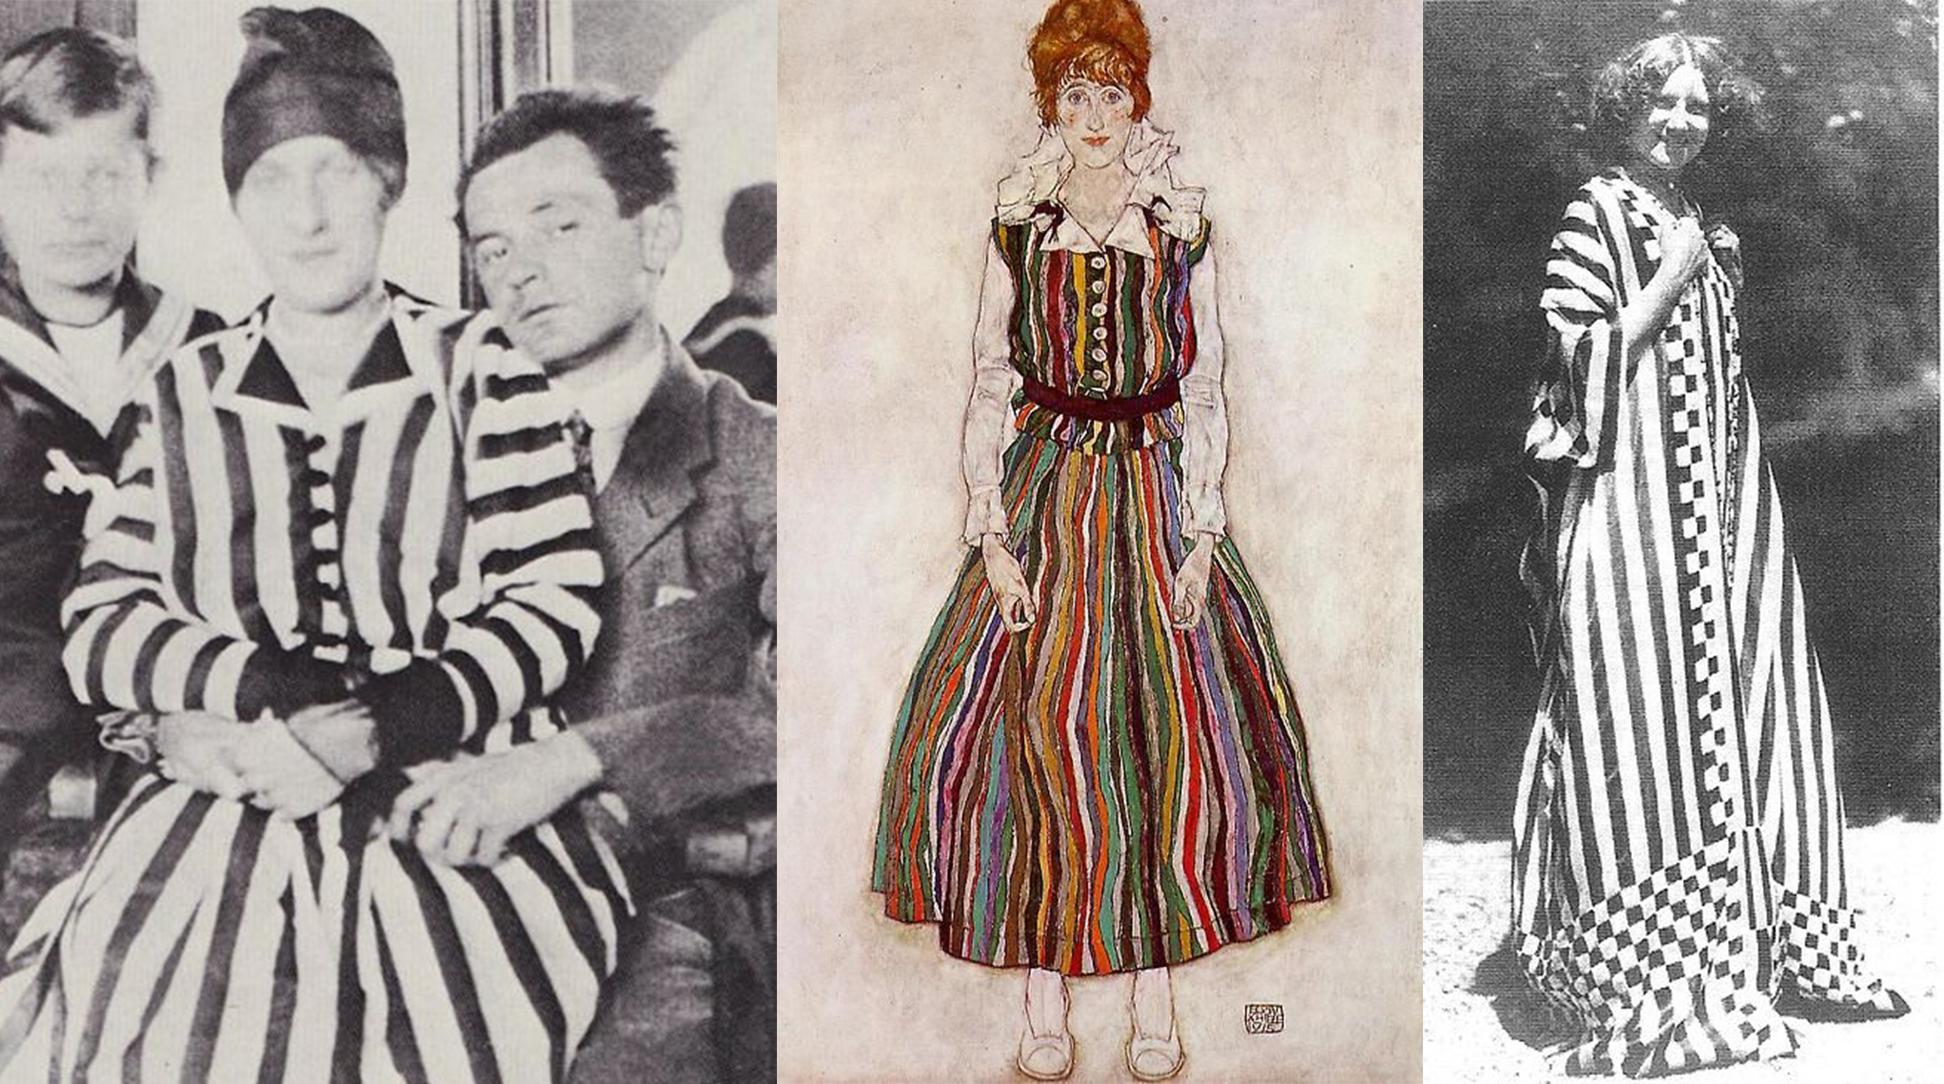 stripes history fashion blog magazine blogger 1910 1900s 1914 1915 art arte moda storia luciano lapadula costume scrittore blogger quadro schiele arte museo lgano ferrara piacenza